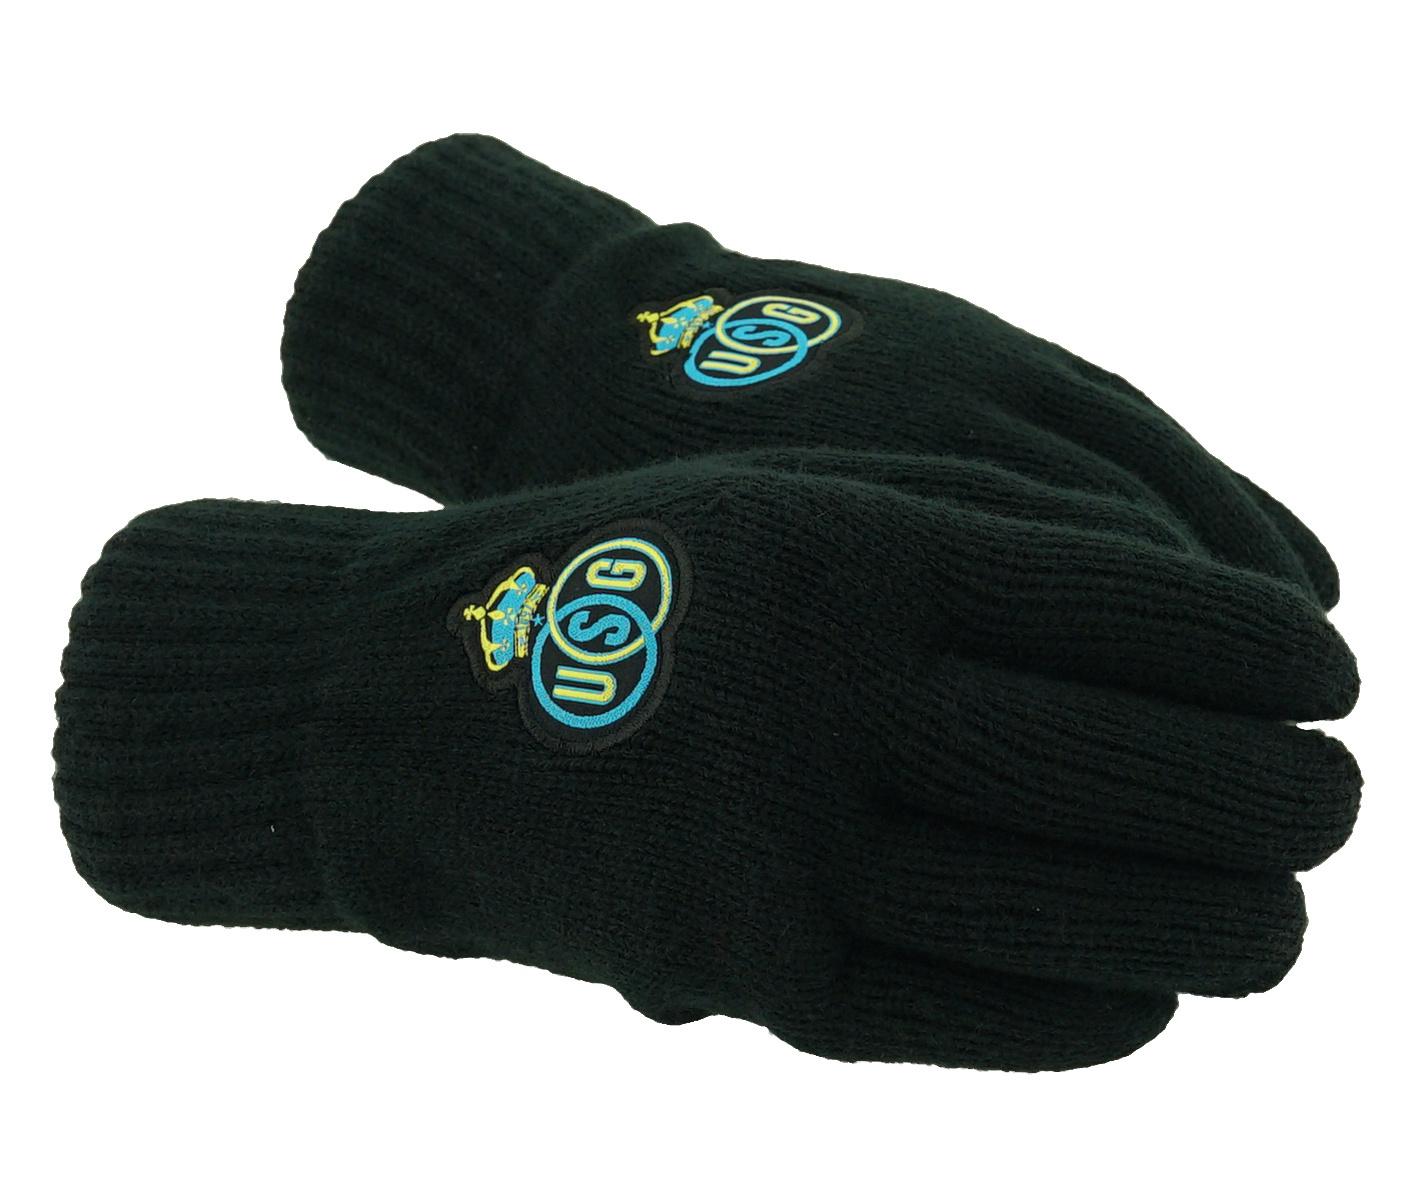 Topfanz Handschoenen zwart - L